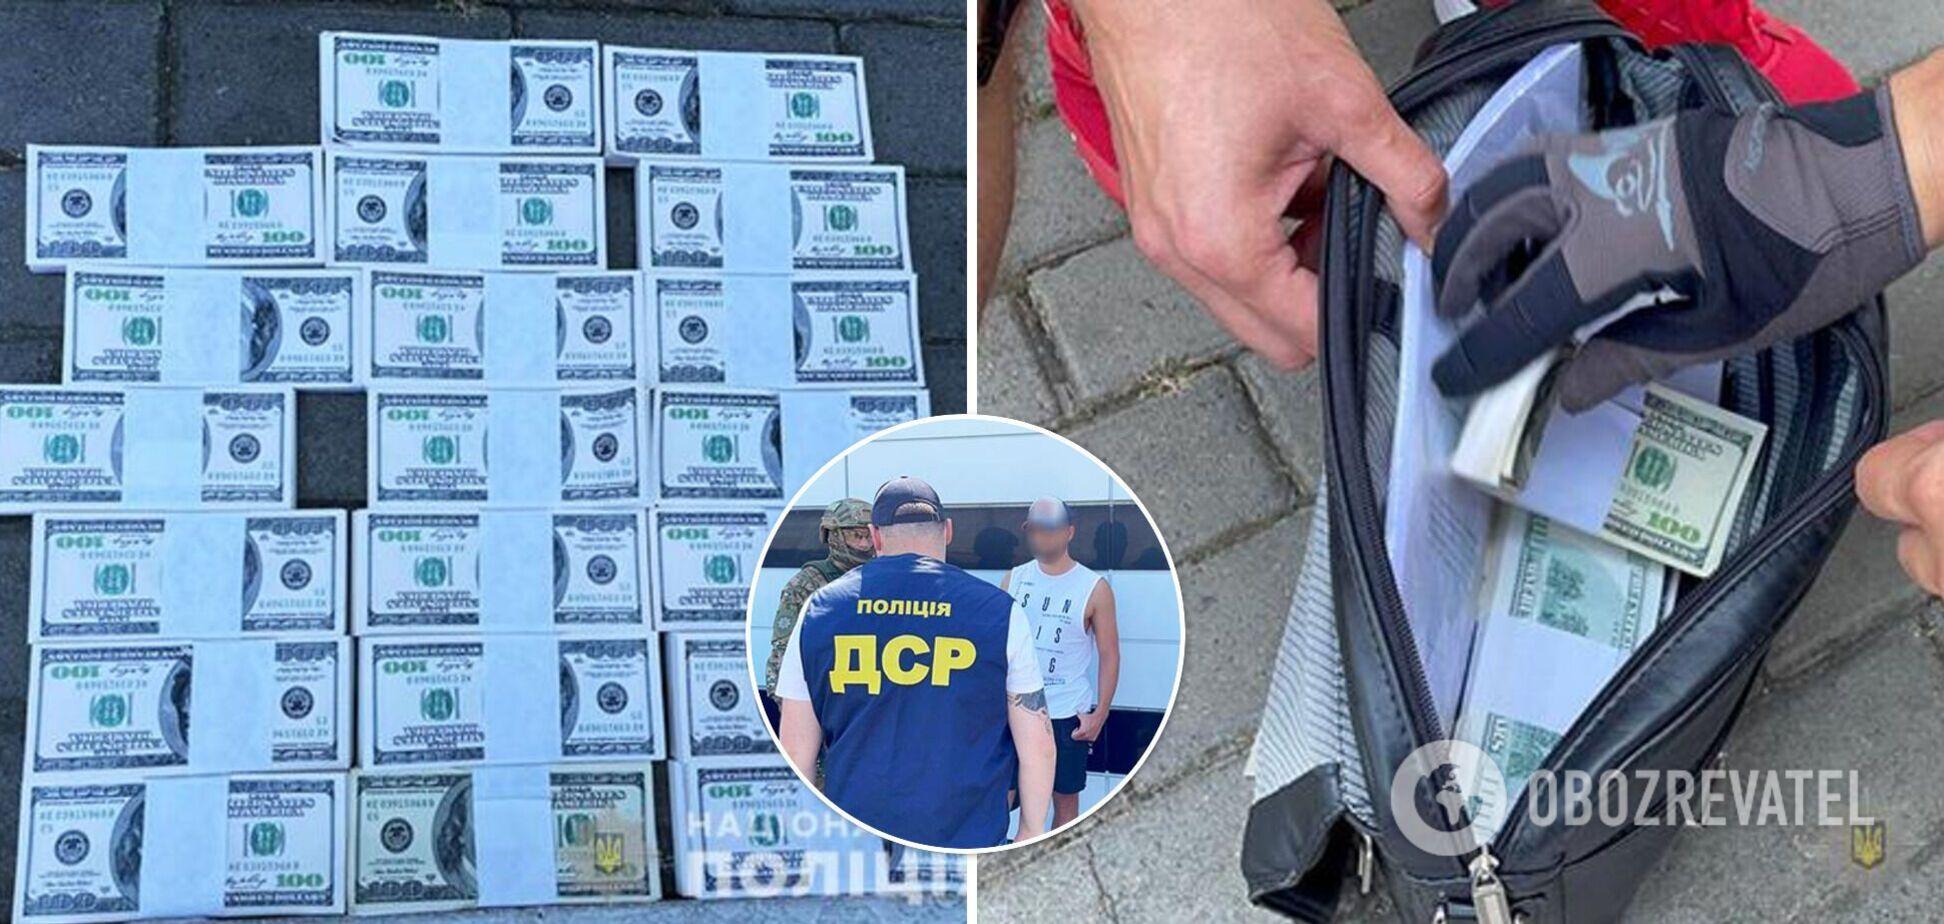 В Україні посаду голови ОДА намагалися 'продати' за 600 тис. доларів: поліція розкрила схему. Фото і відео